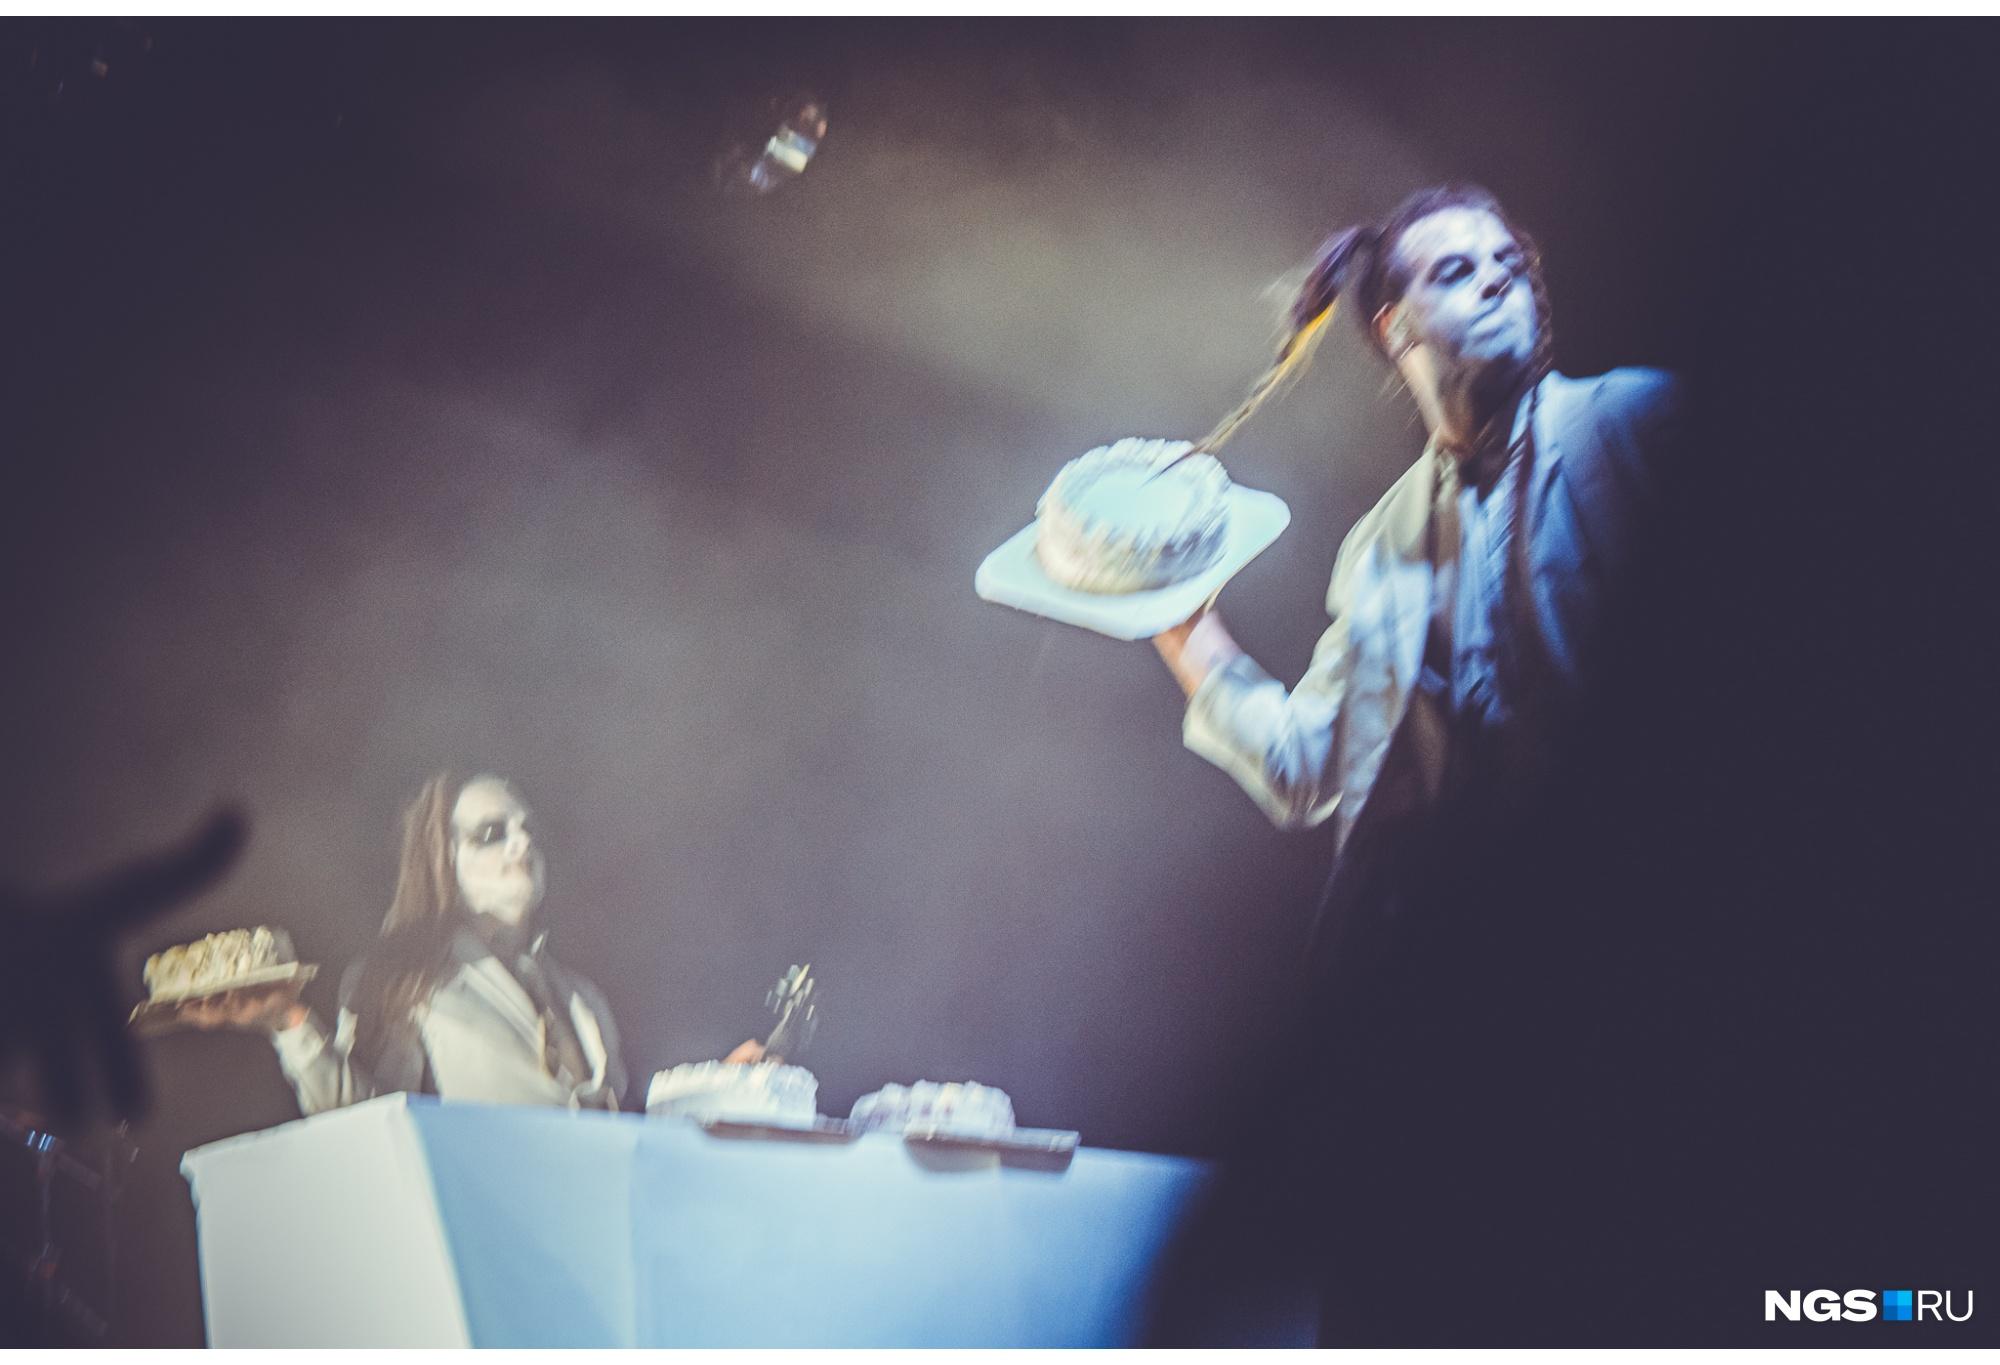 Музыканты кидались едой в зрителей